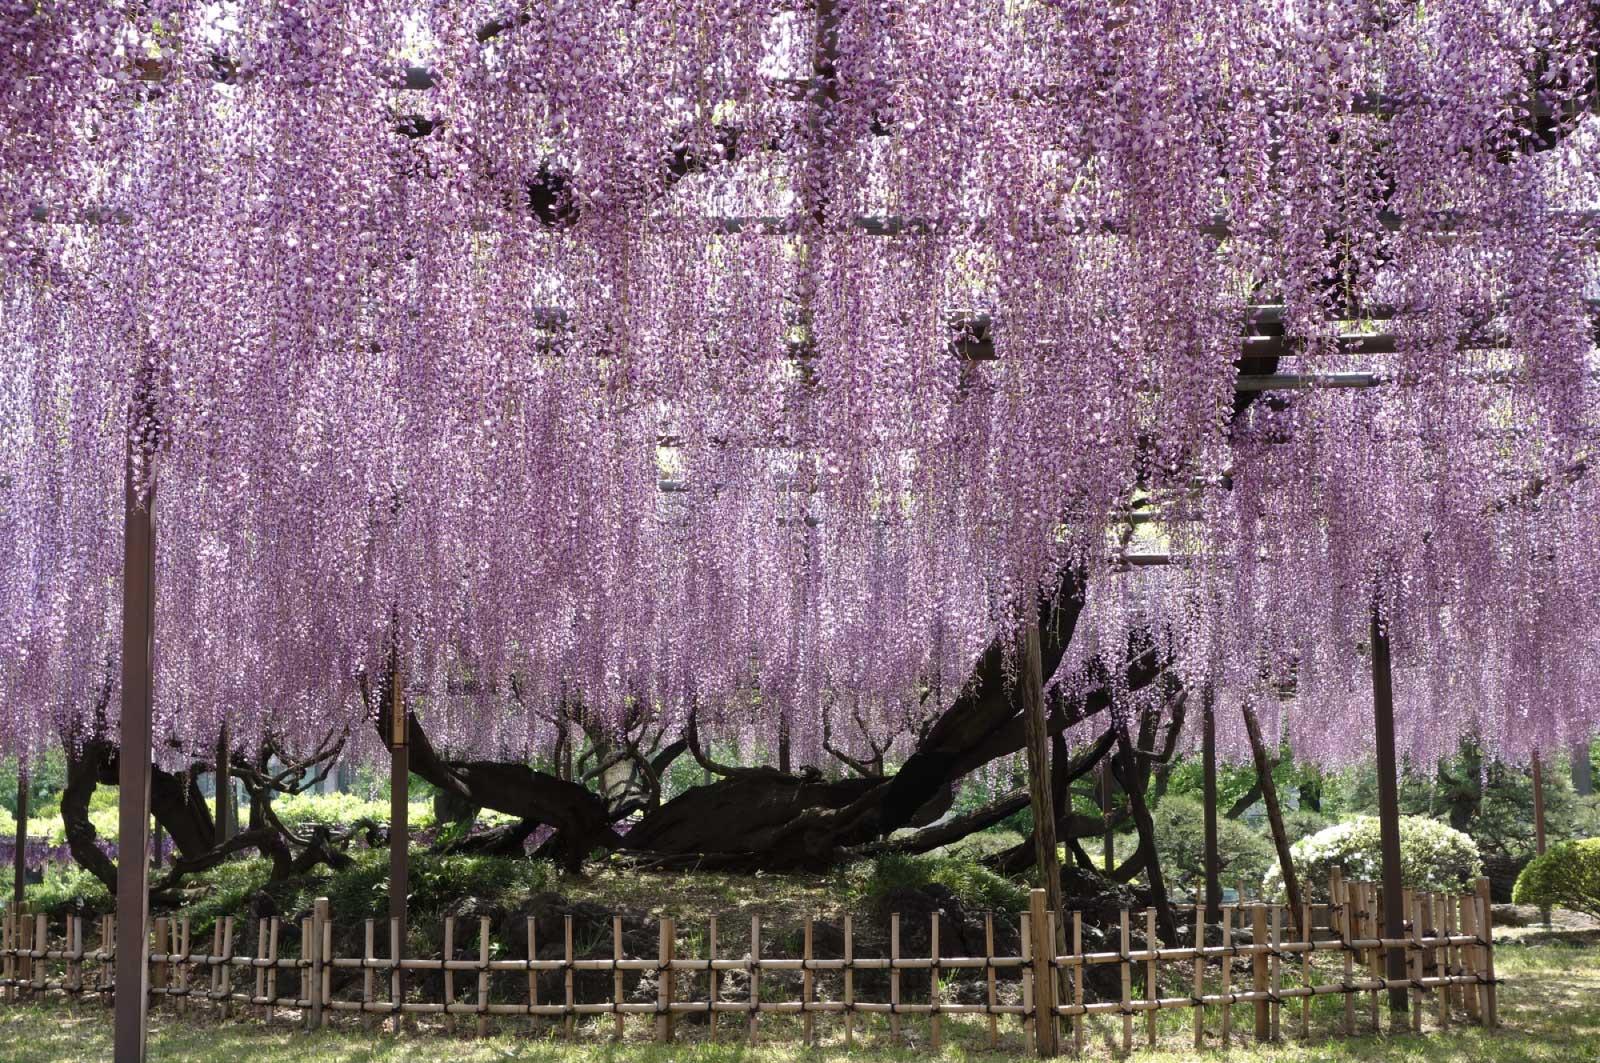 枝垂れ落ちる様と美しい紫色